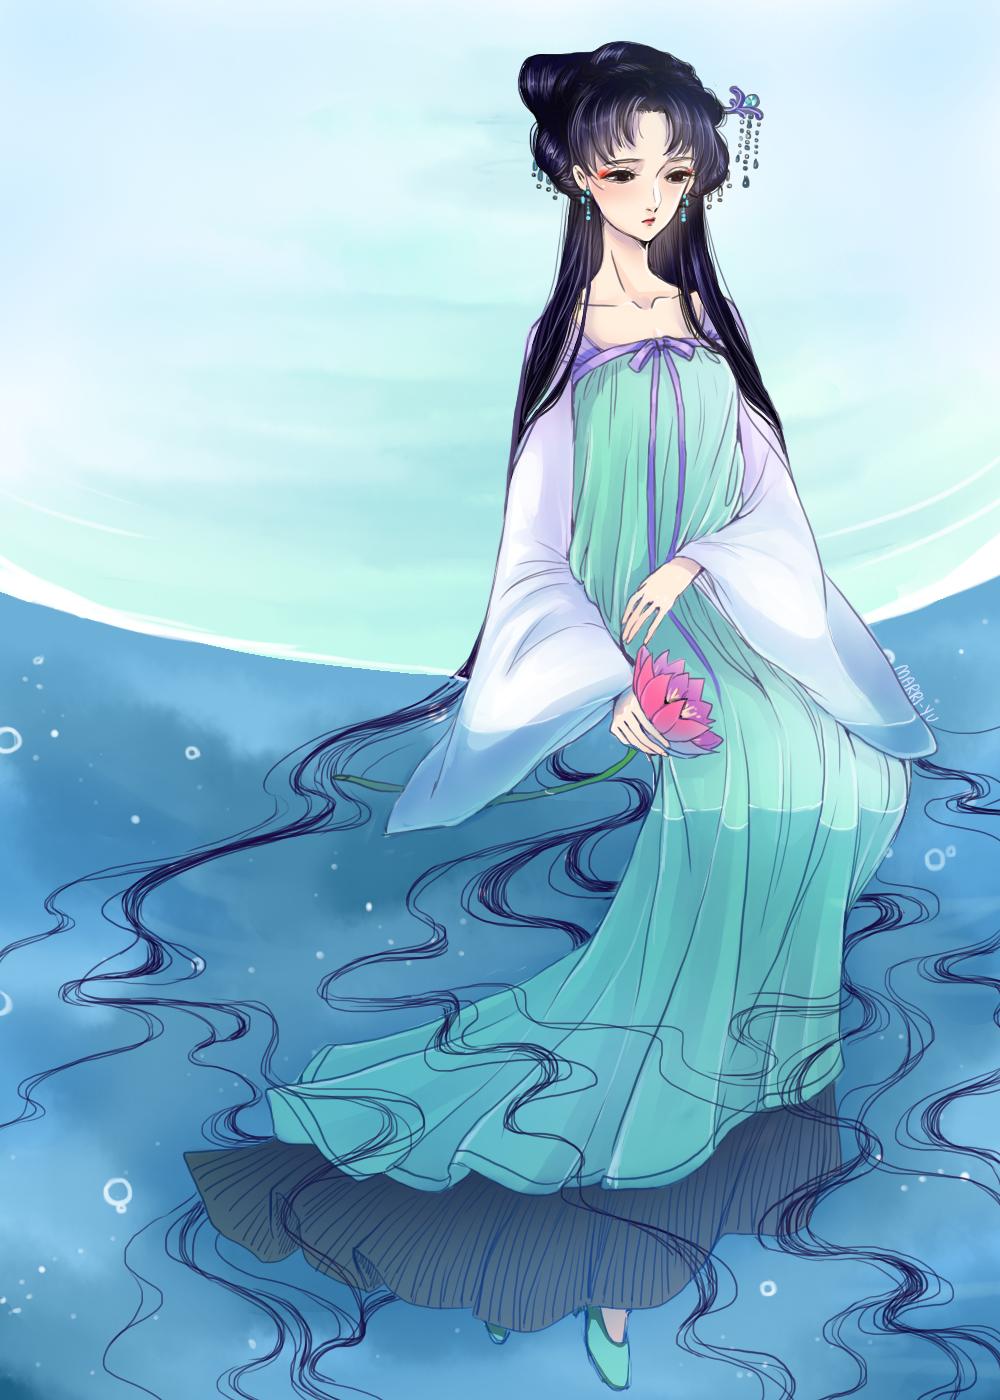 Lotus: Overlooking the Water by Marri-Yu